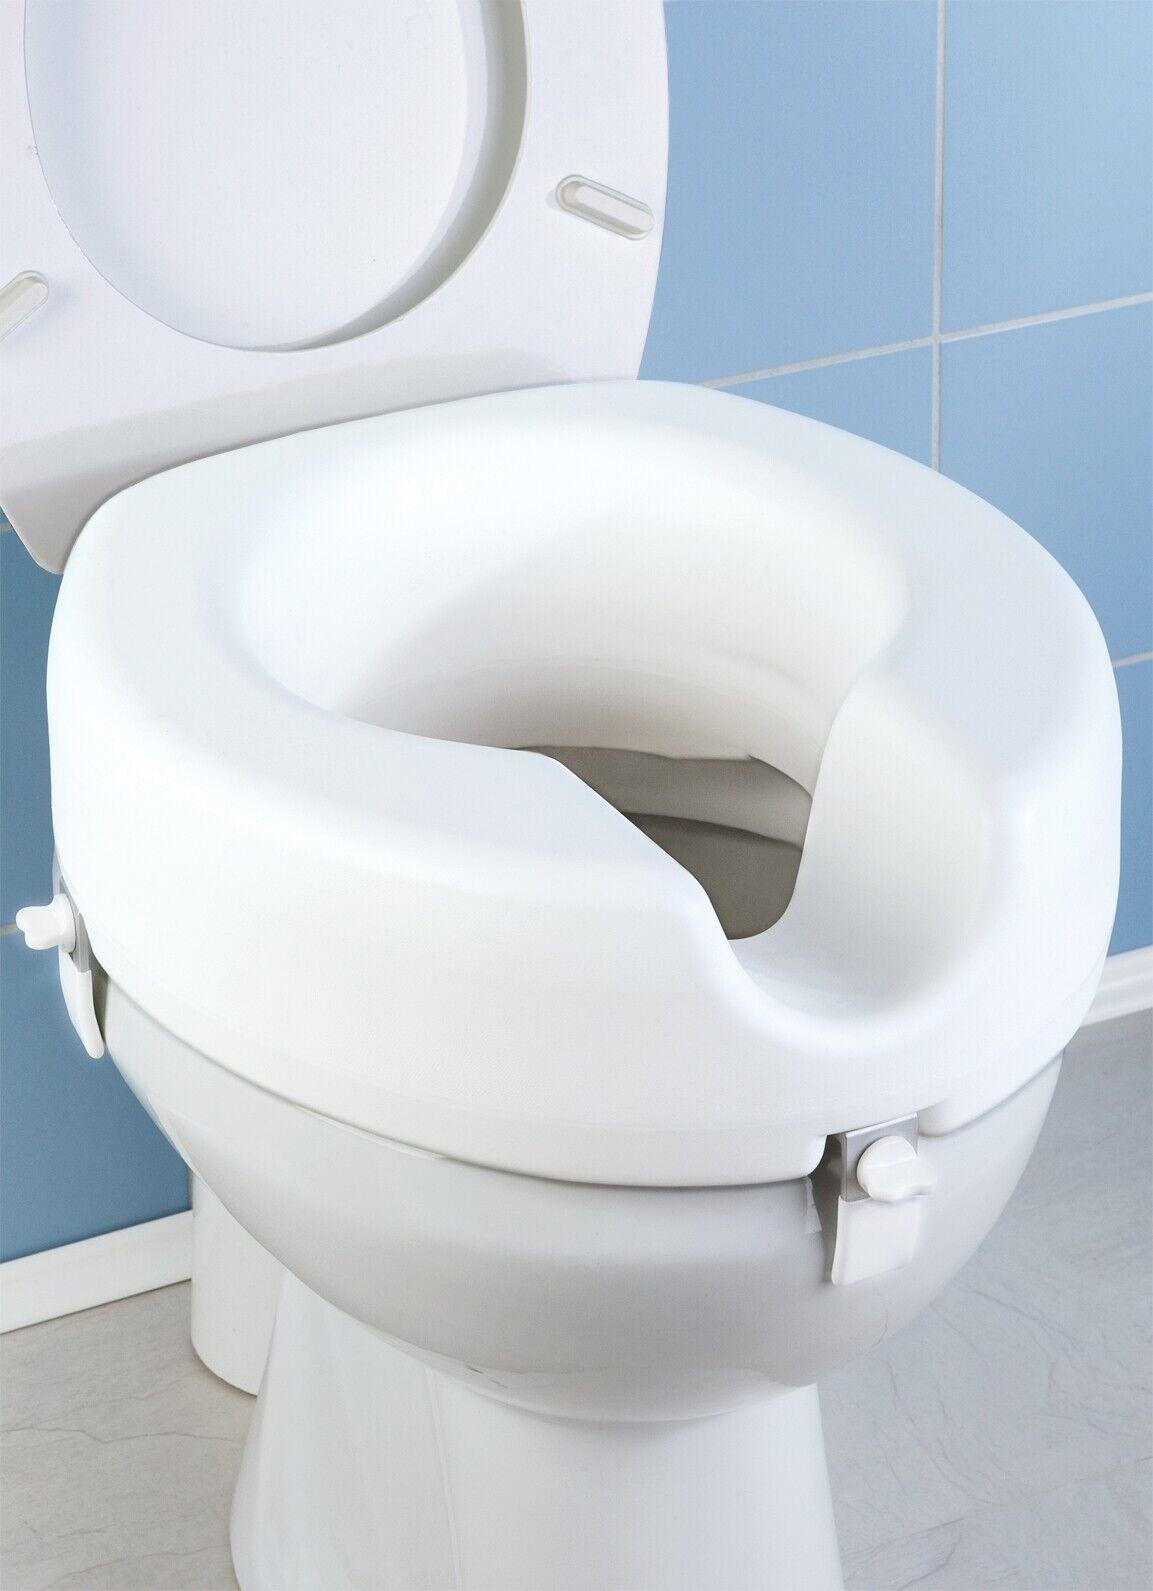 WC Sitz-Erhöhung Secura, 150 150 150 kg Tragkraft f5aeb8